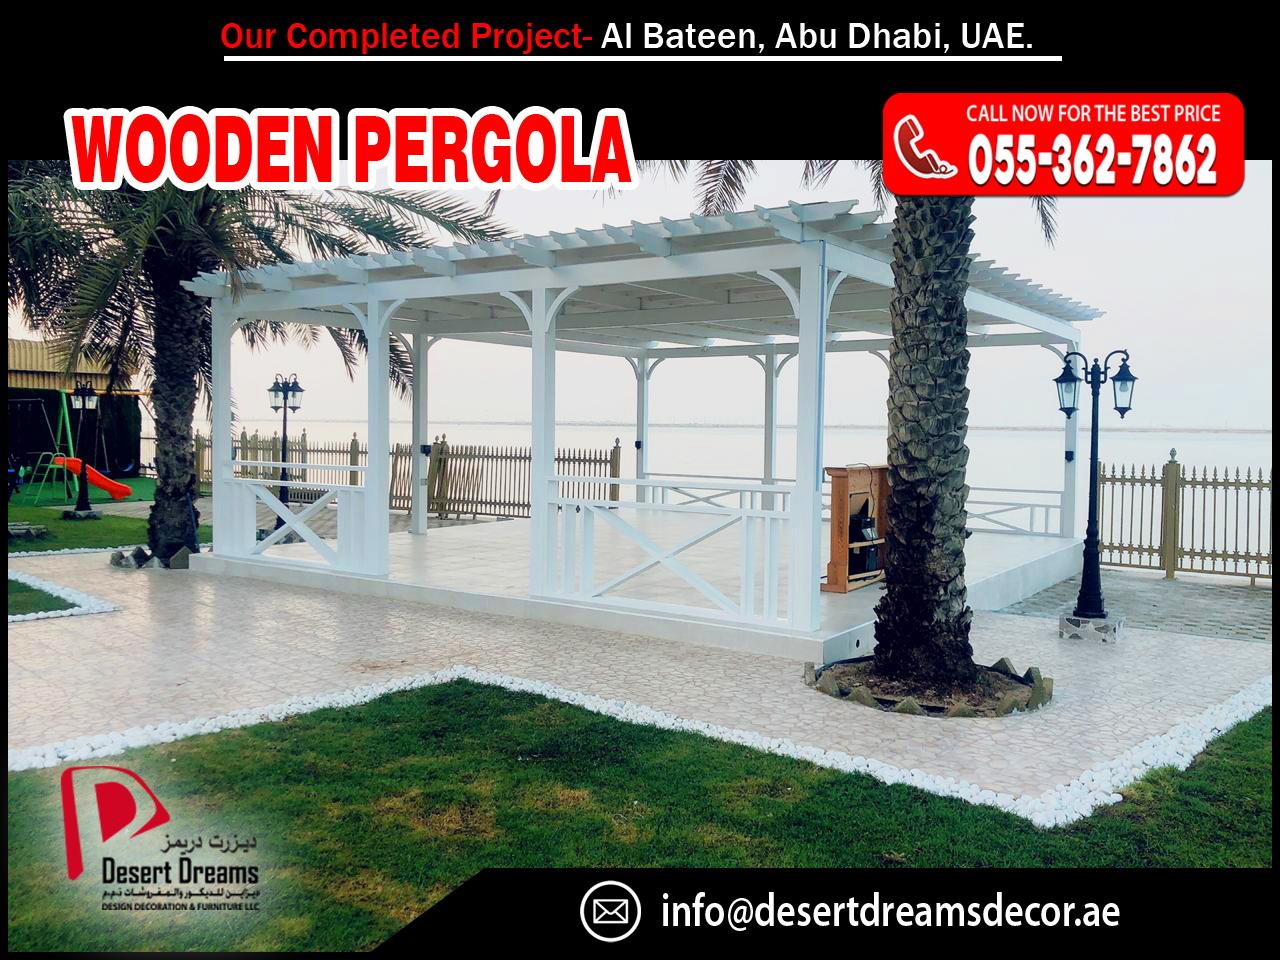 Shaikha Khalifa Villa Pergola in UAE-1.jpg